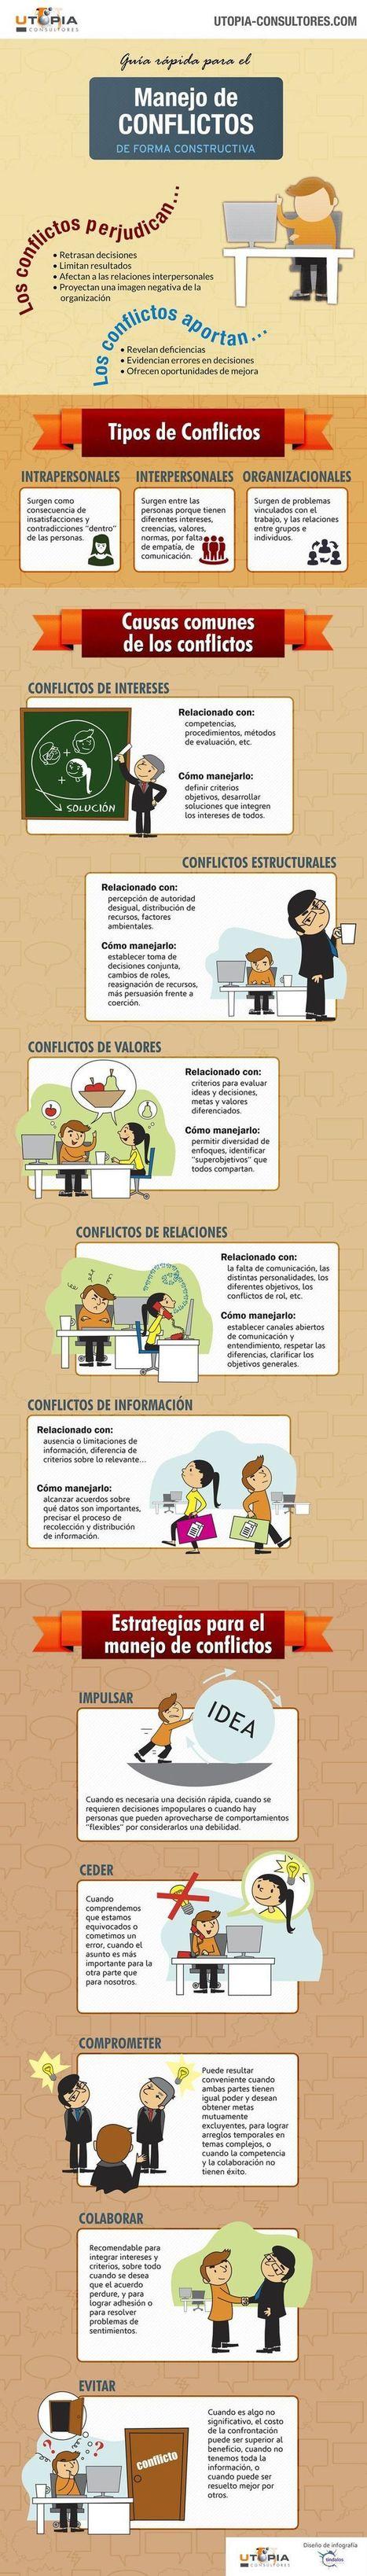 Manejo de conflictos de forma constructiva (infografía) | Mobility | Scoop.it